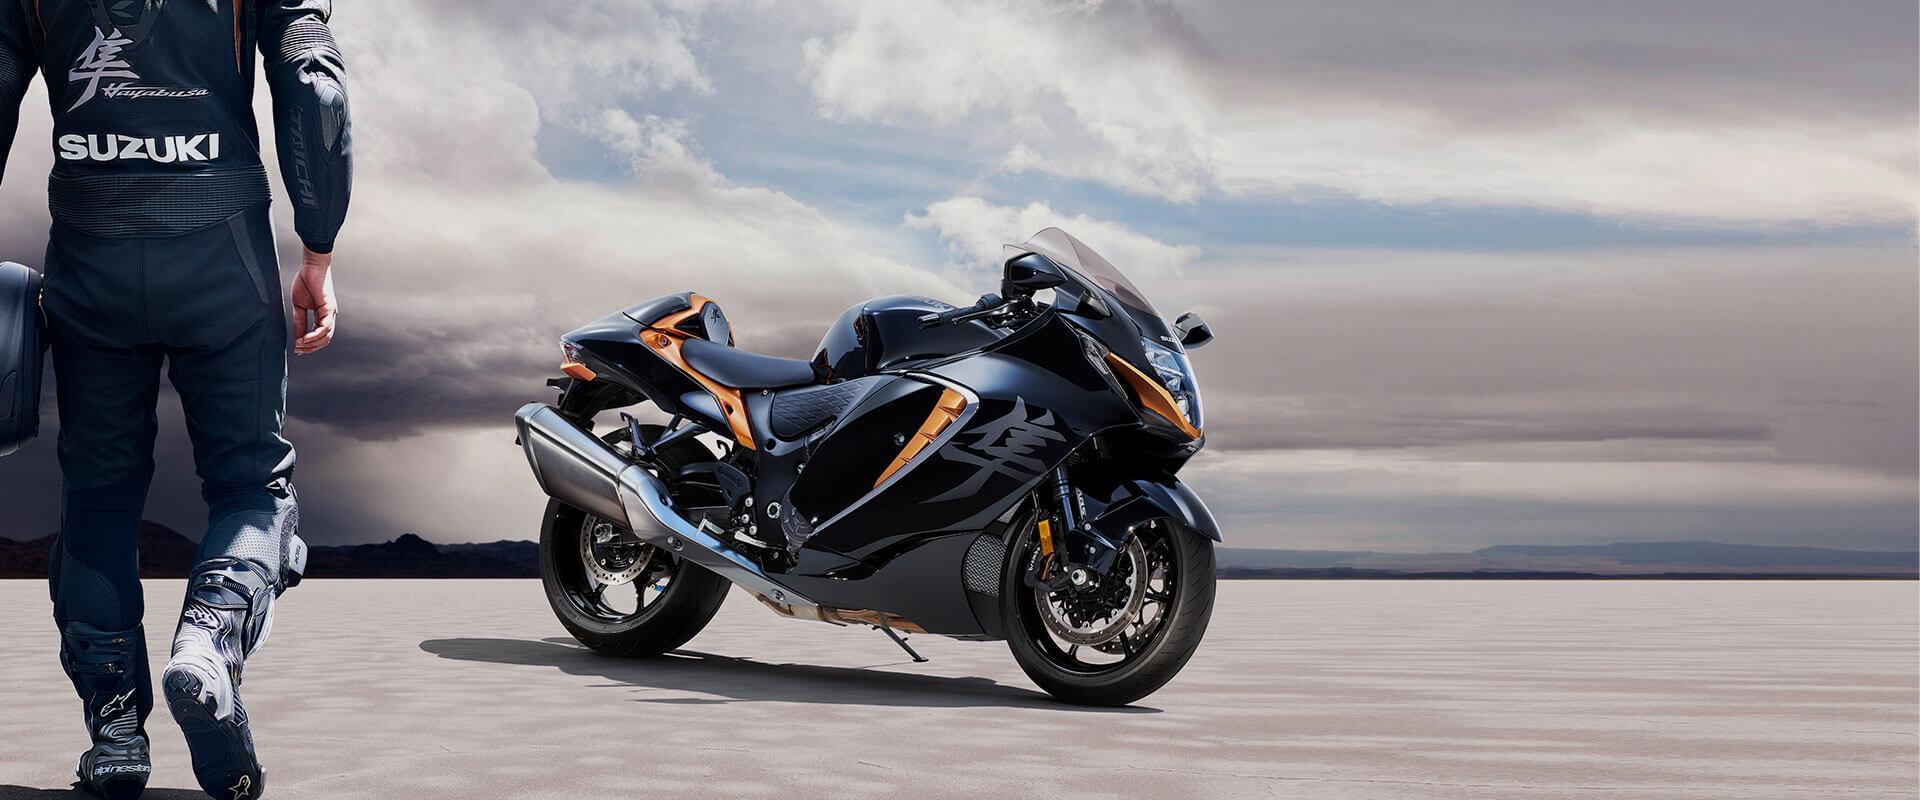 Nova suzuki hayabusa 2021 v motokomplexe